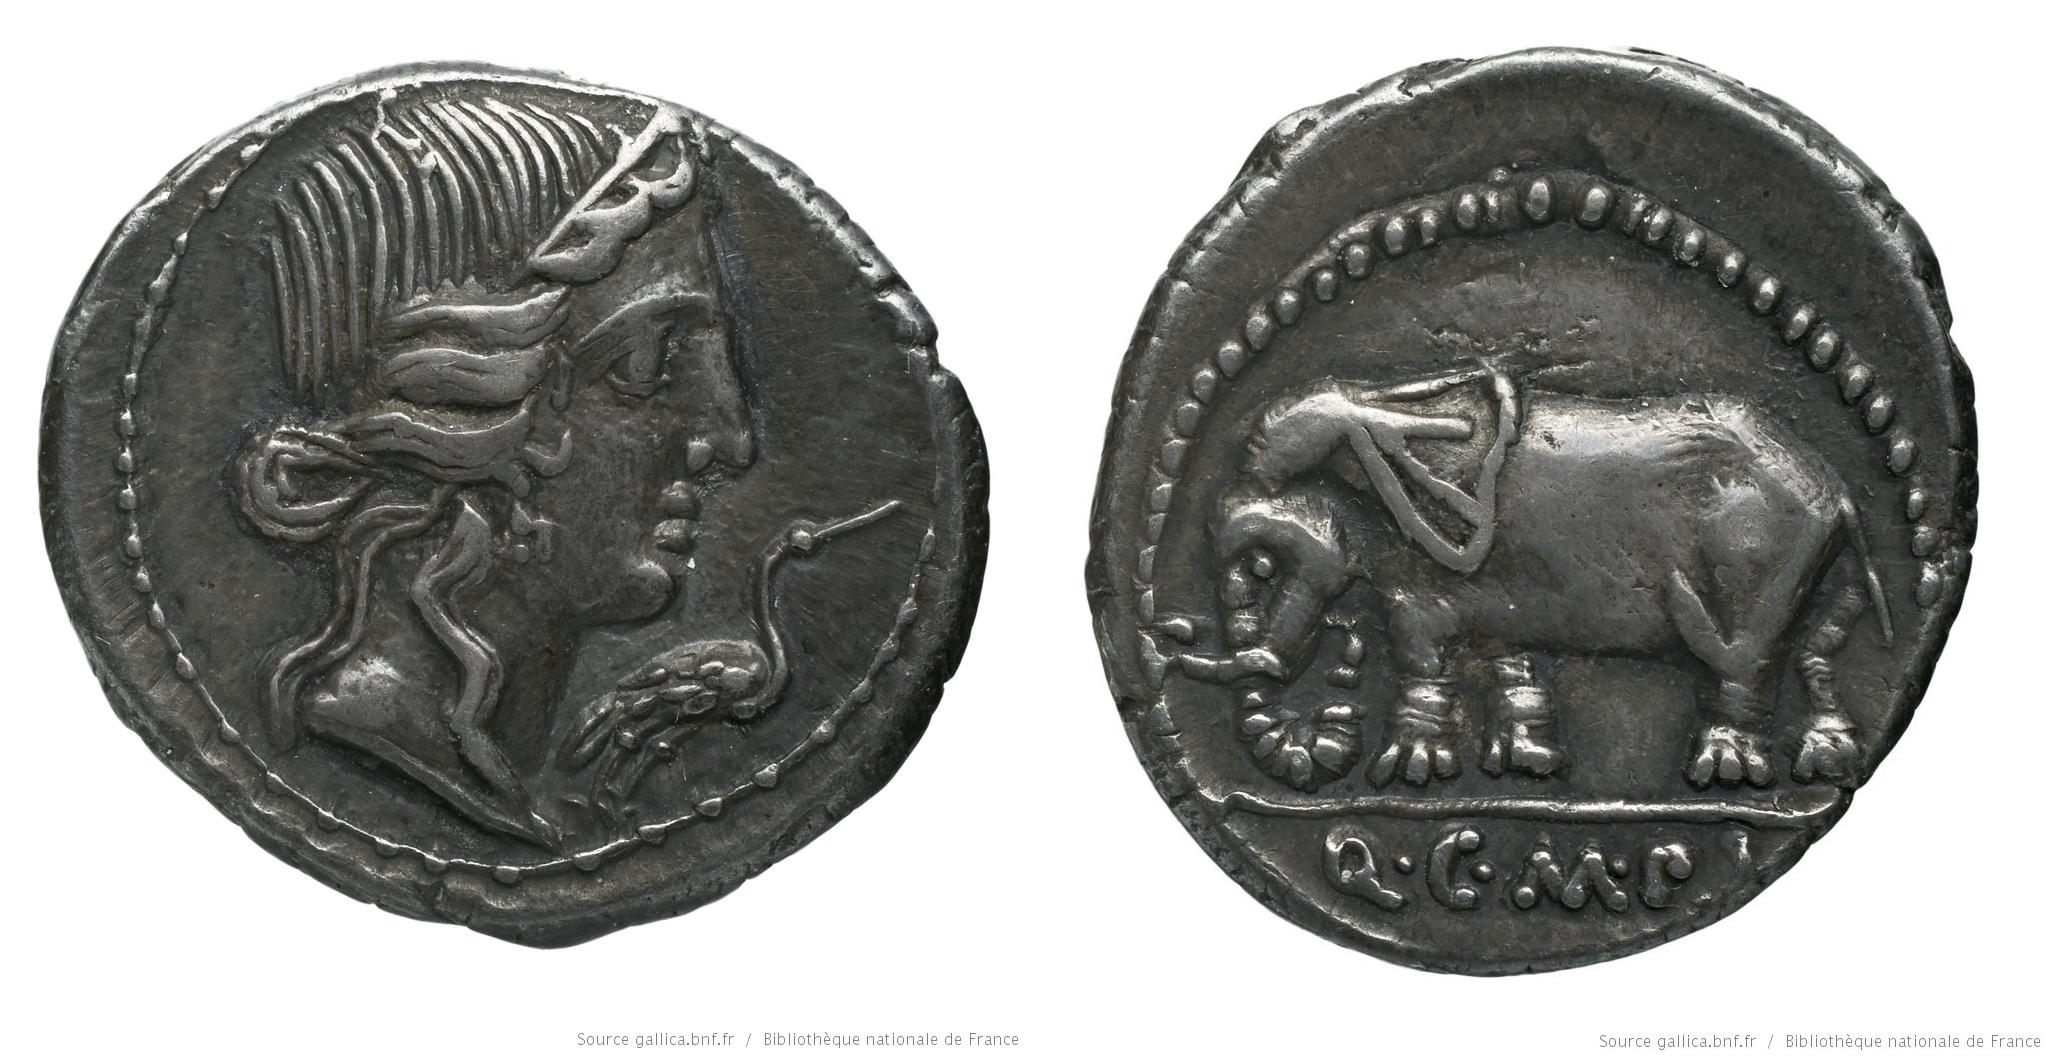 1303CA – Denier Caecilia – Quintus Cæcilius Metellus Pius